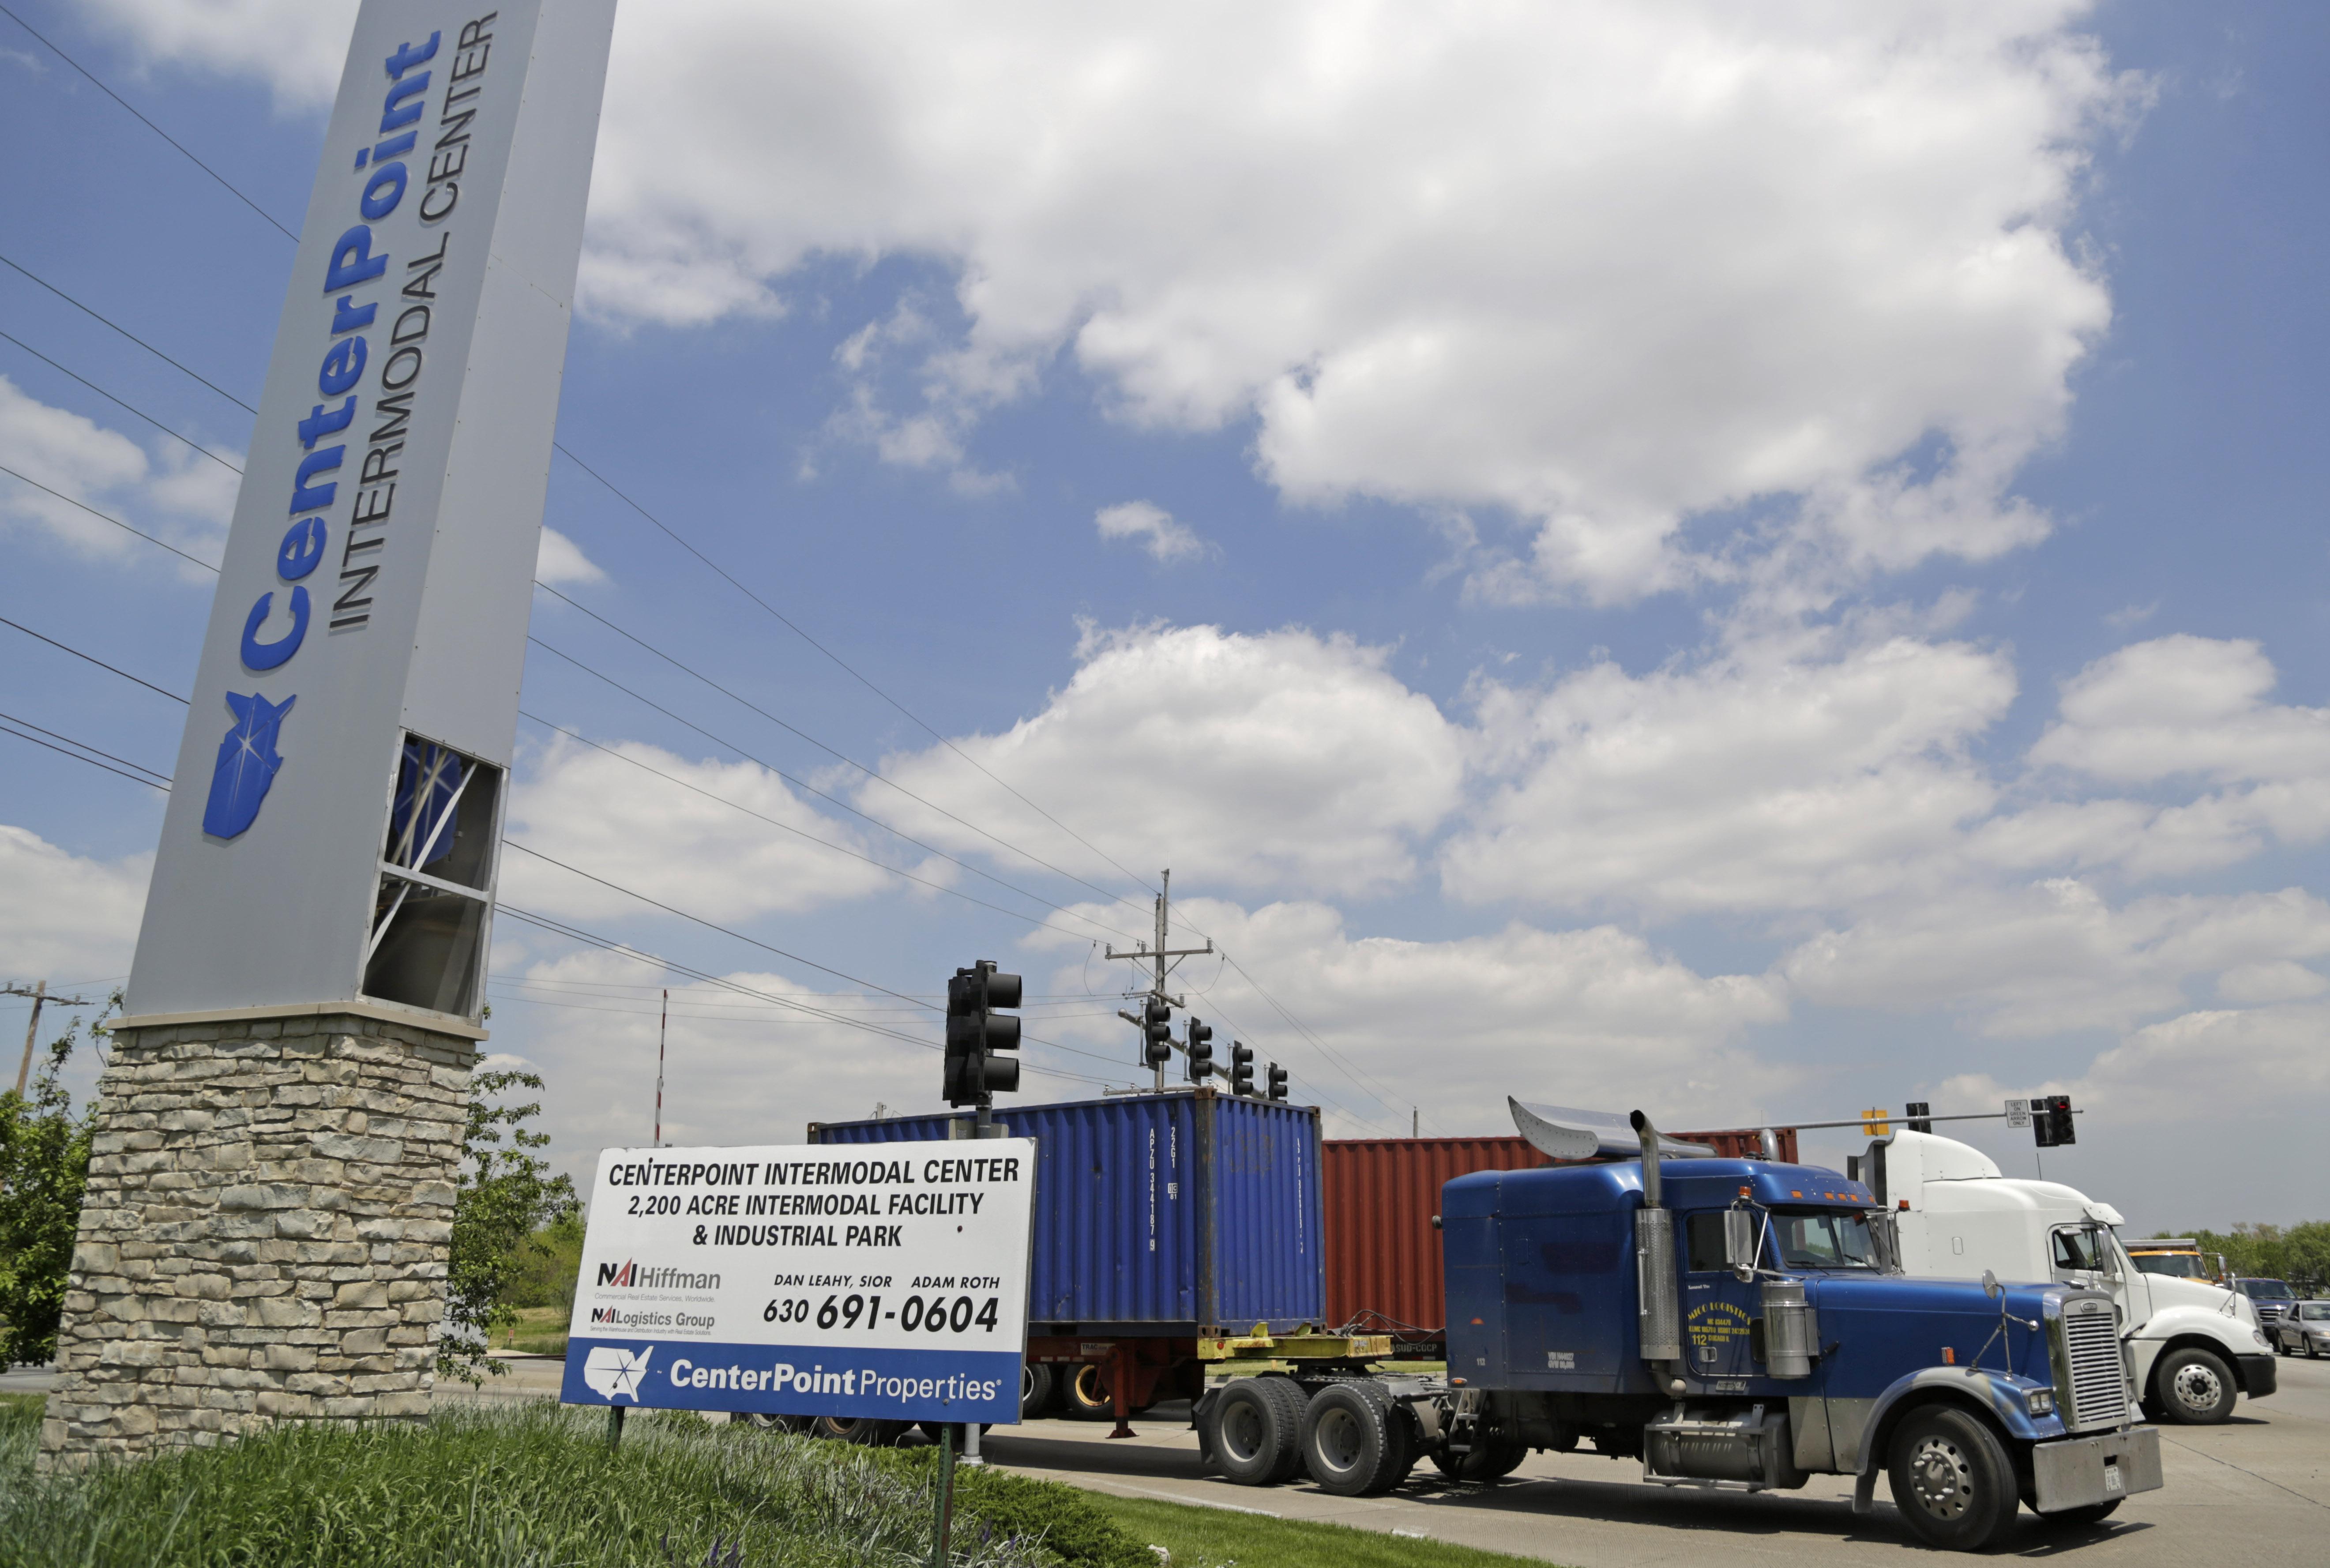 Trucks leaving the Center Point Intermodal Center outside Elwood on May 23, 2014. (M. Spencer Green/Associated Press)